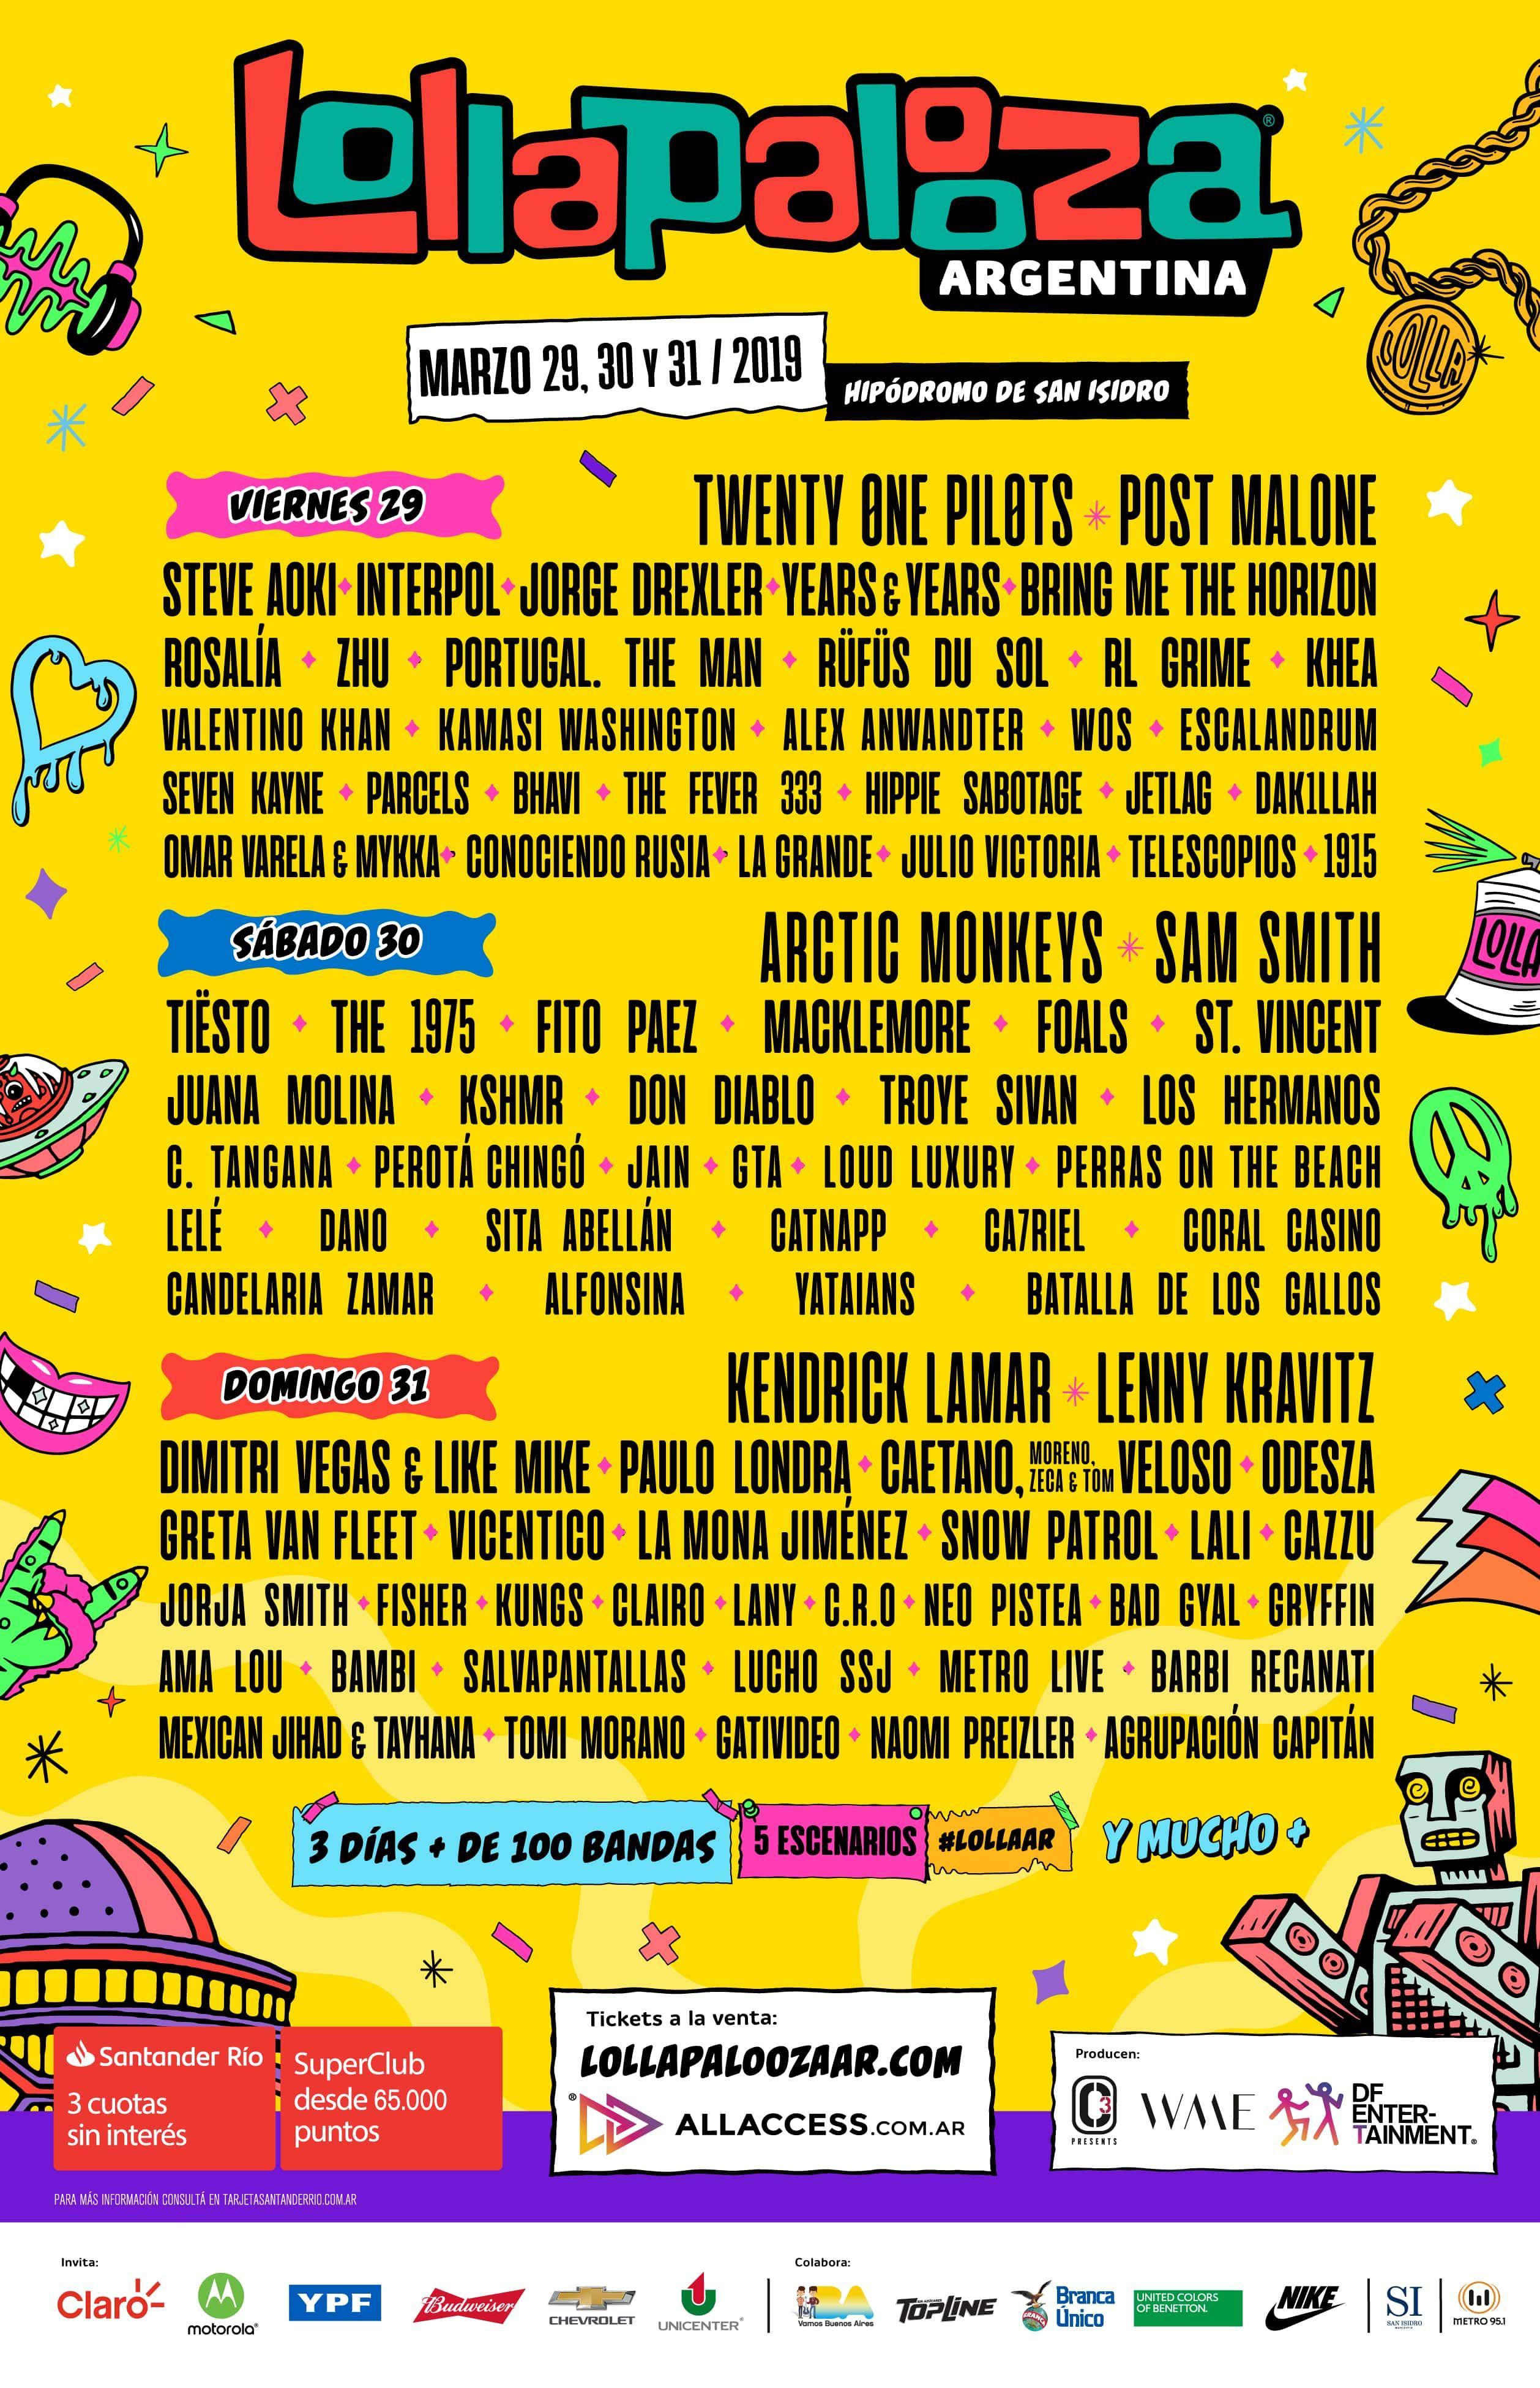 36e7d9836677 Lollapalooza Argentina confirma la grilla por día de la sexta edición del  festival que se realizará el 29